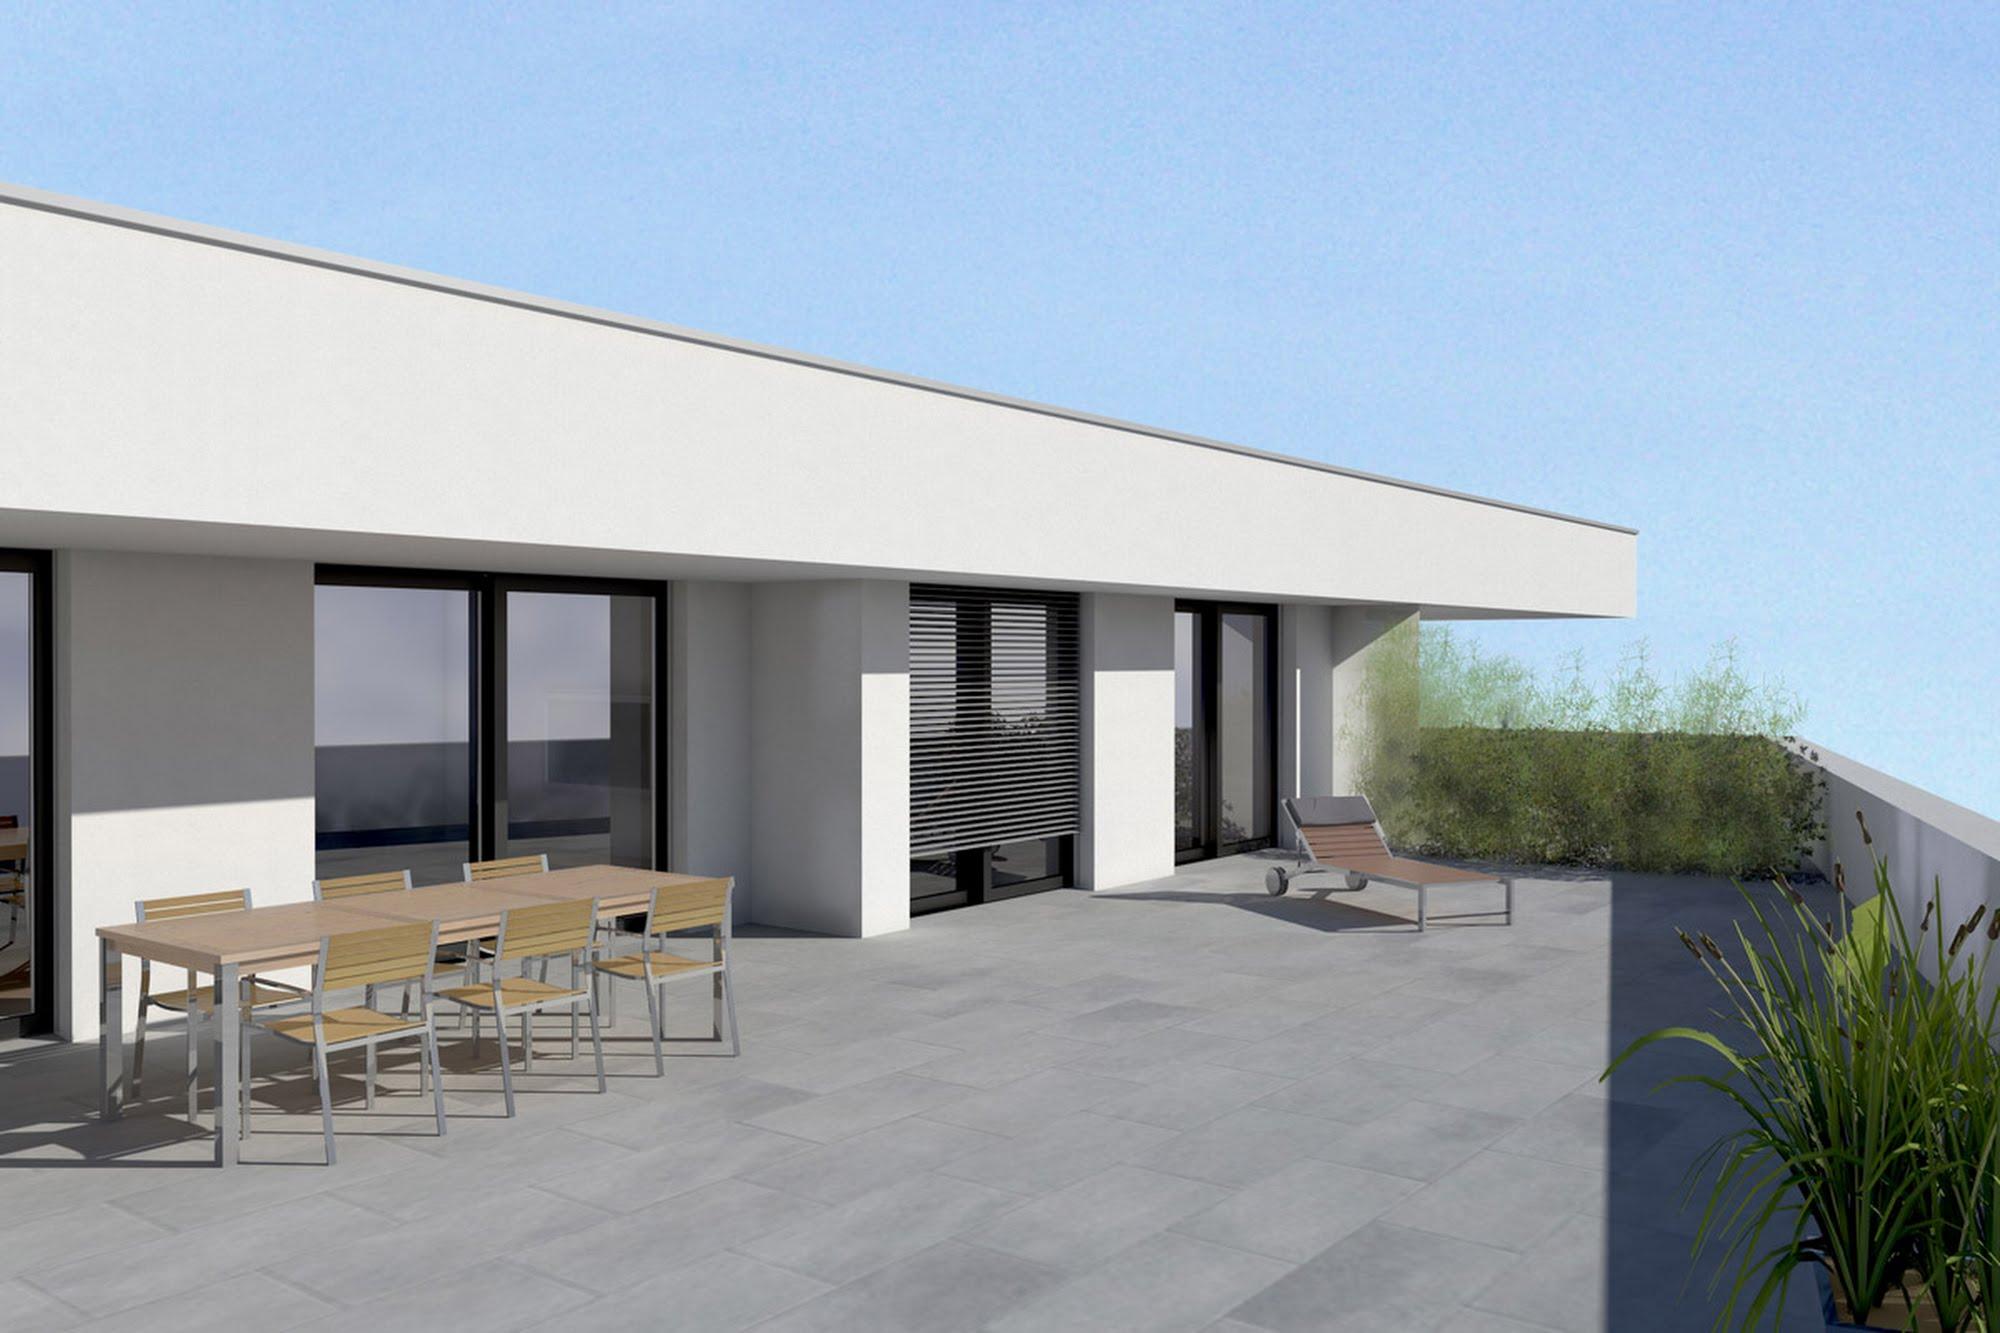 Wohnen MFH,Gewerbe Wohn- und Gewerbegebäude in Schenkon Architektur,Wohnungsbau,Wohnhäuser,Einfamilienhäuser,Mehrfamilienhäuser